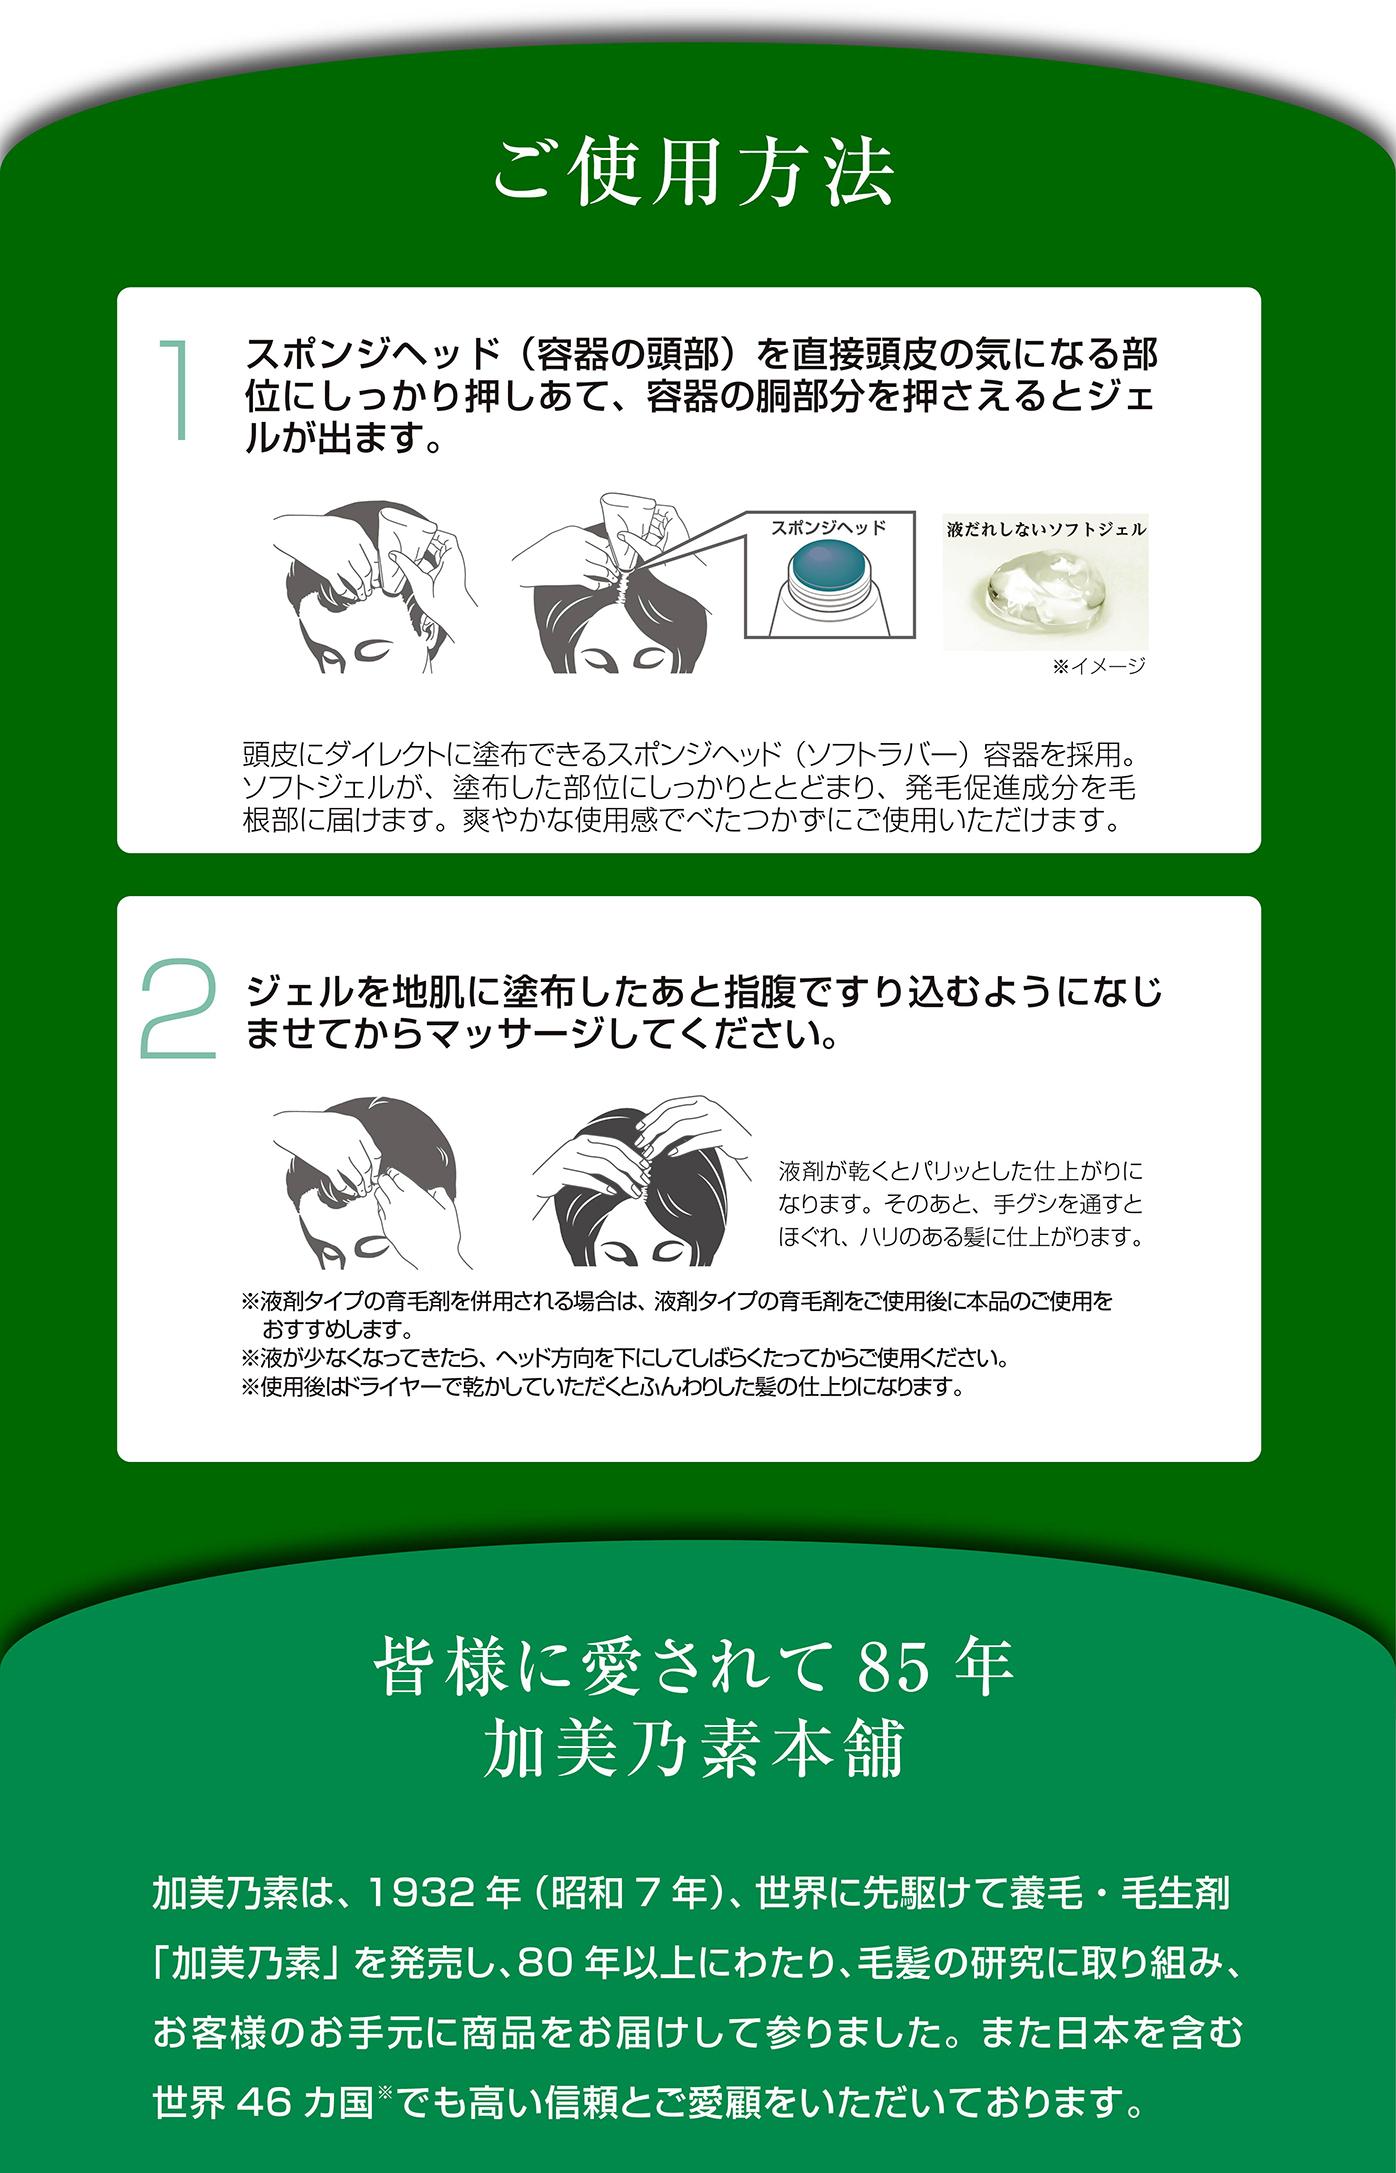 薬用発毛促進剤MOF・MOF<もふもふ>ご使用方法